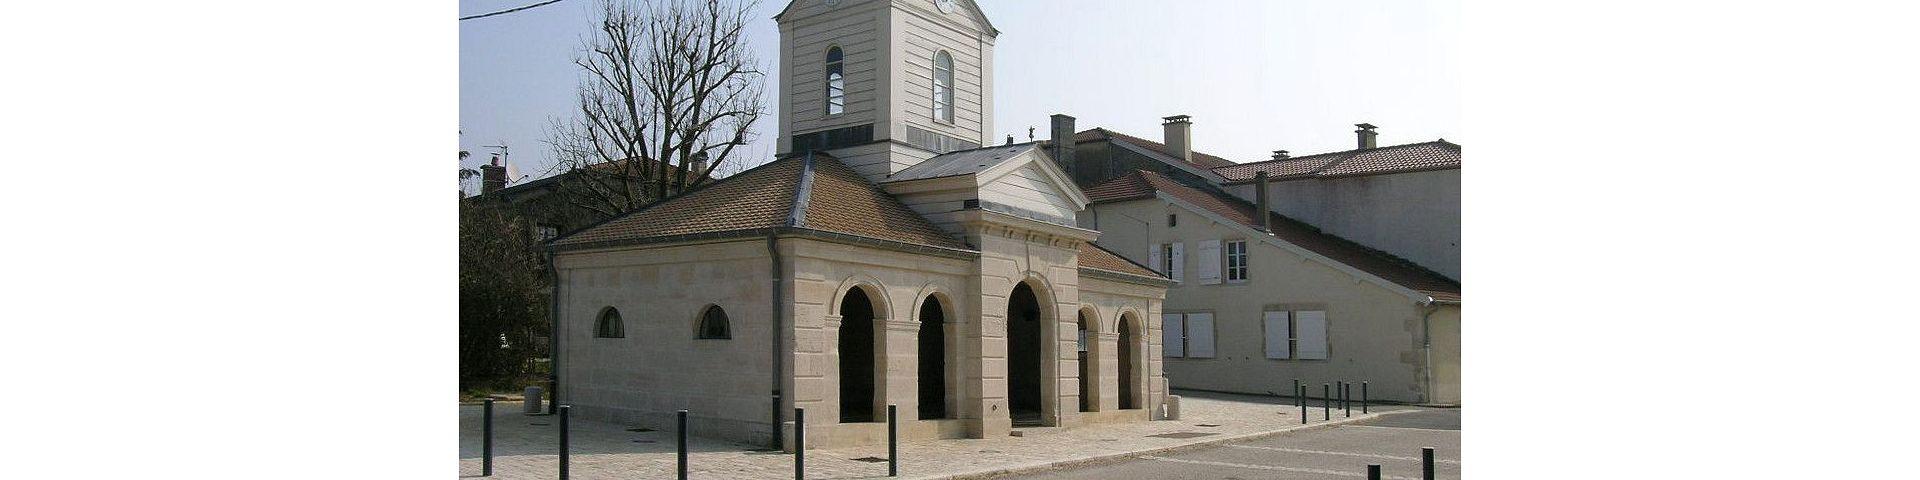 Echenay - Lavoir (Tour-horloge) (52)